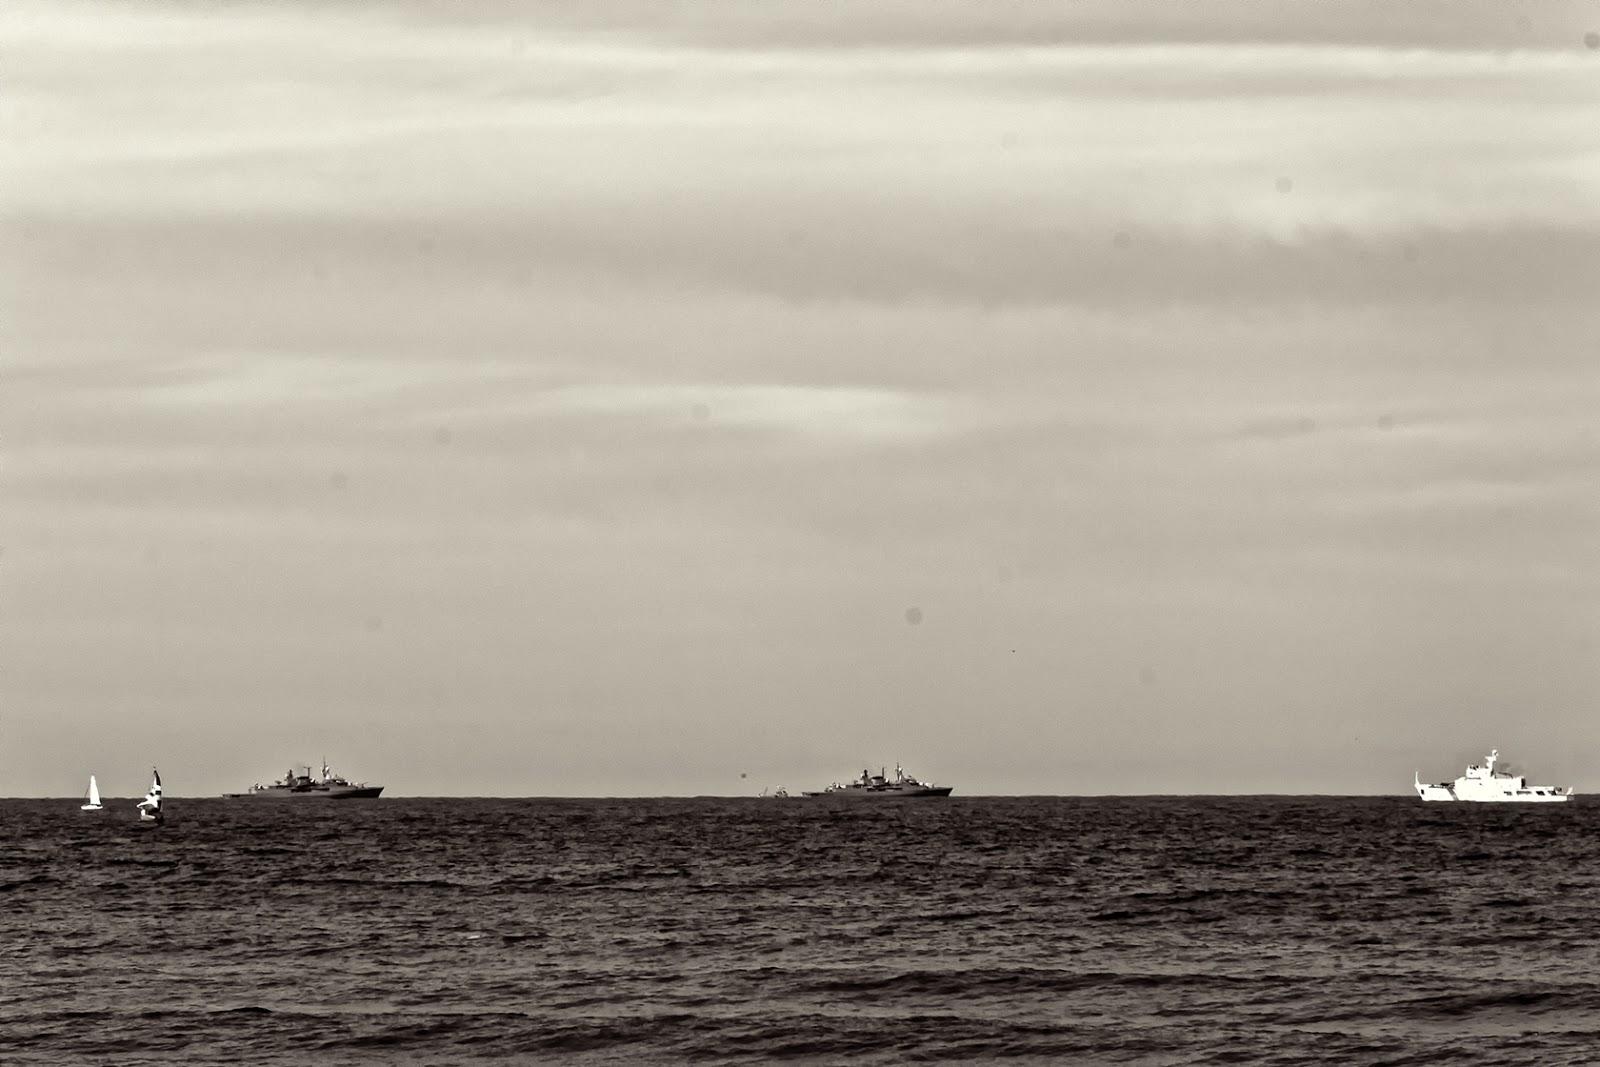 Fragatas y barcos de guerra en el horizonte.Blanco y Negro.